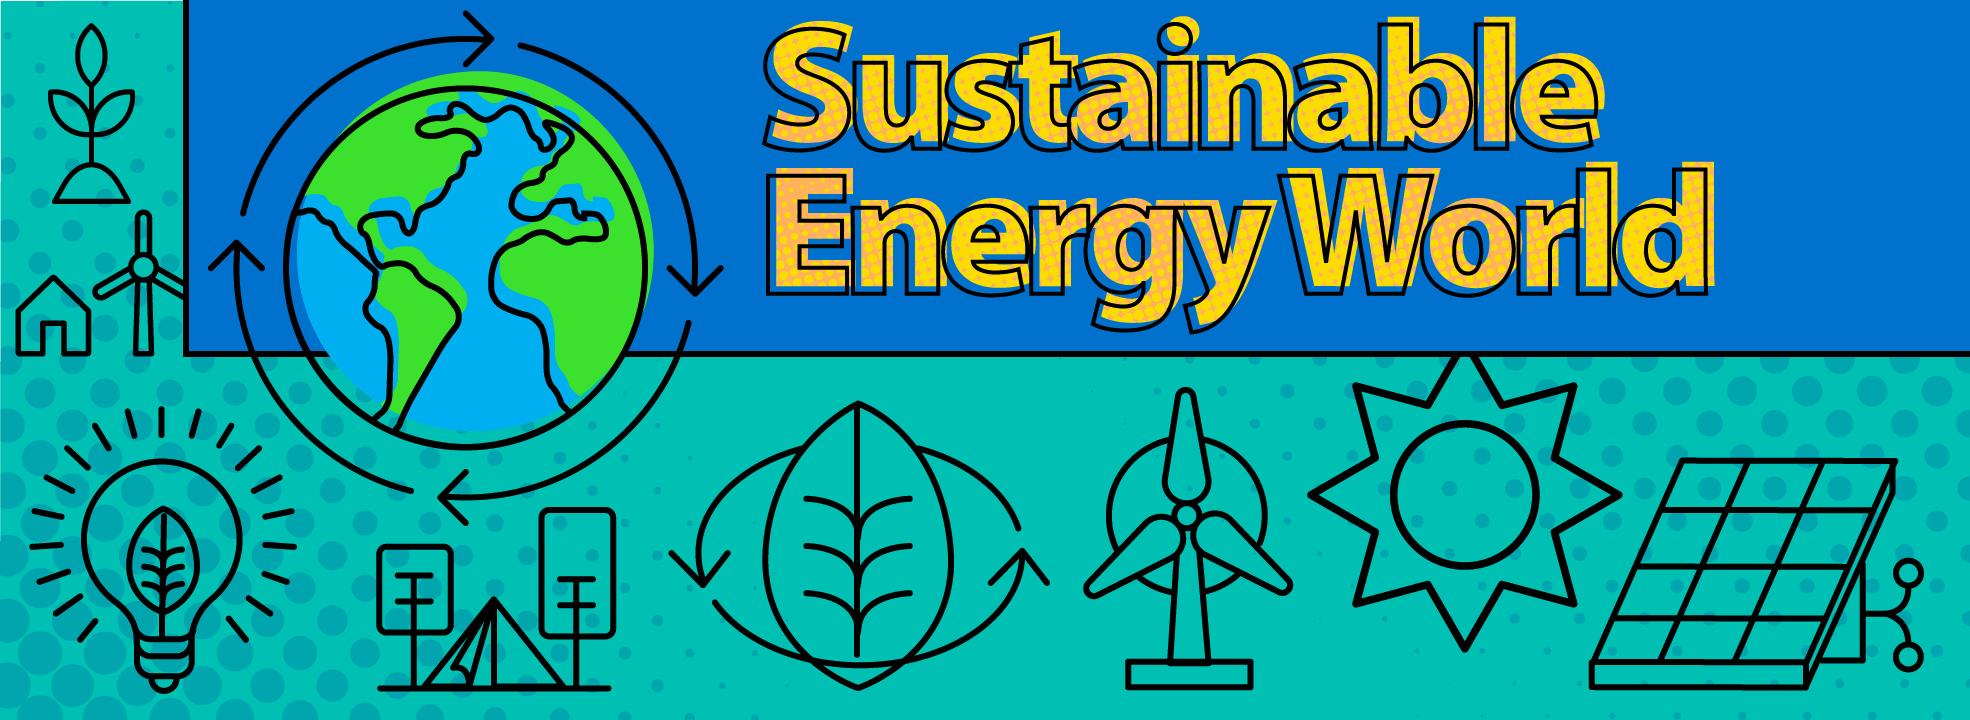 Sustainable Energy World